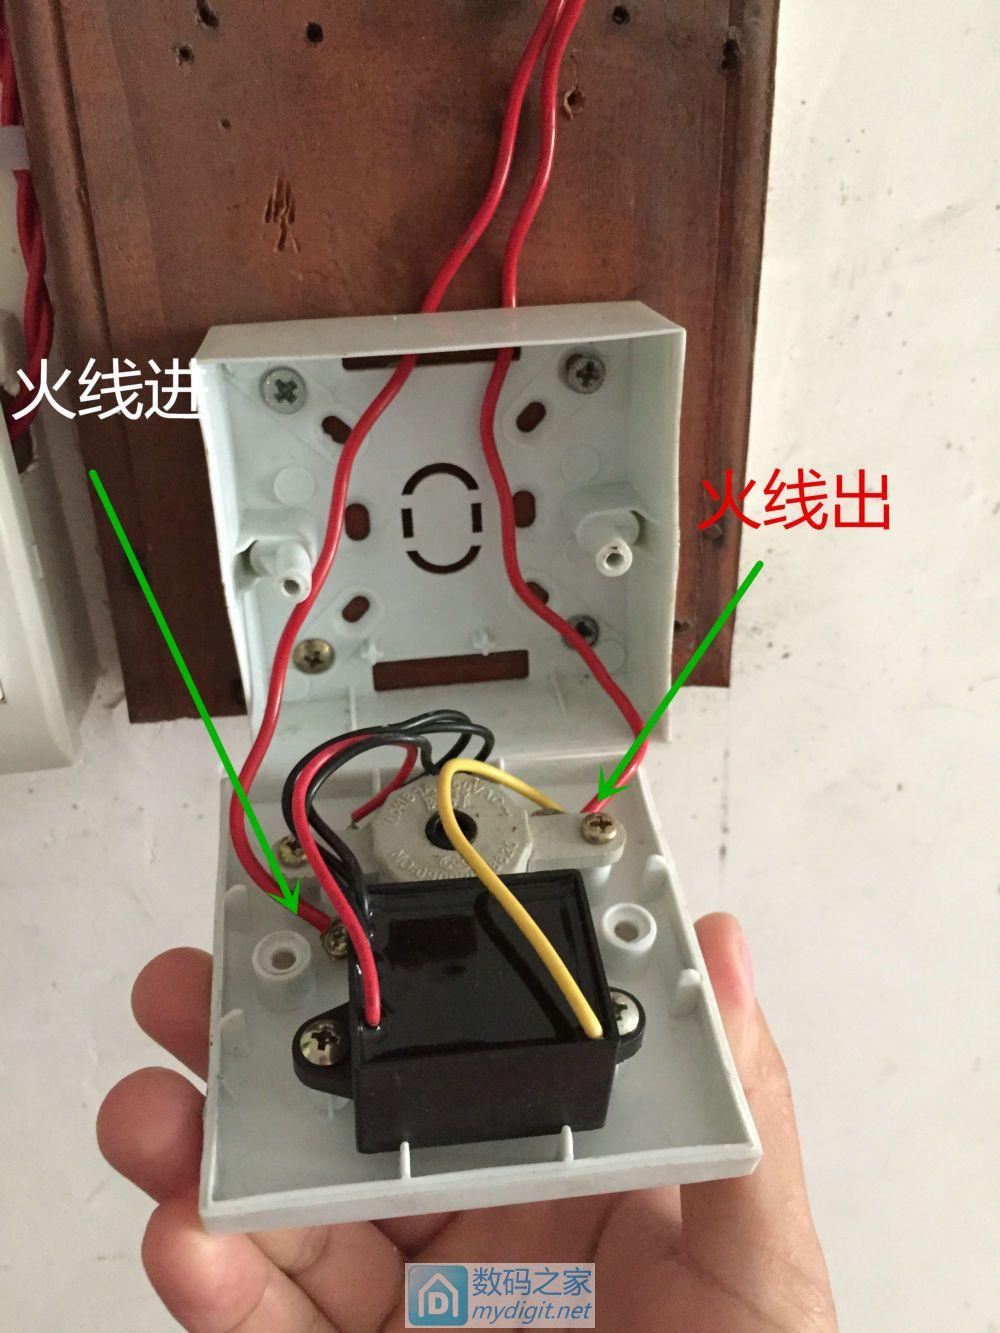 还是风扇的问题,准备在网上买调速器的时候发现的问题图片